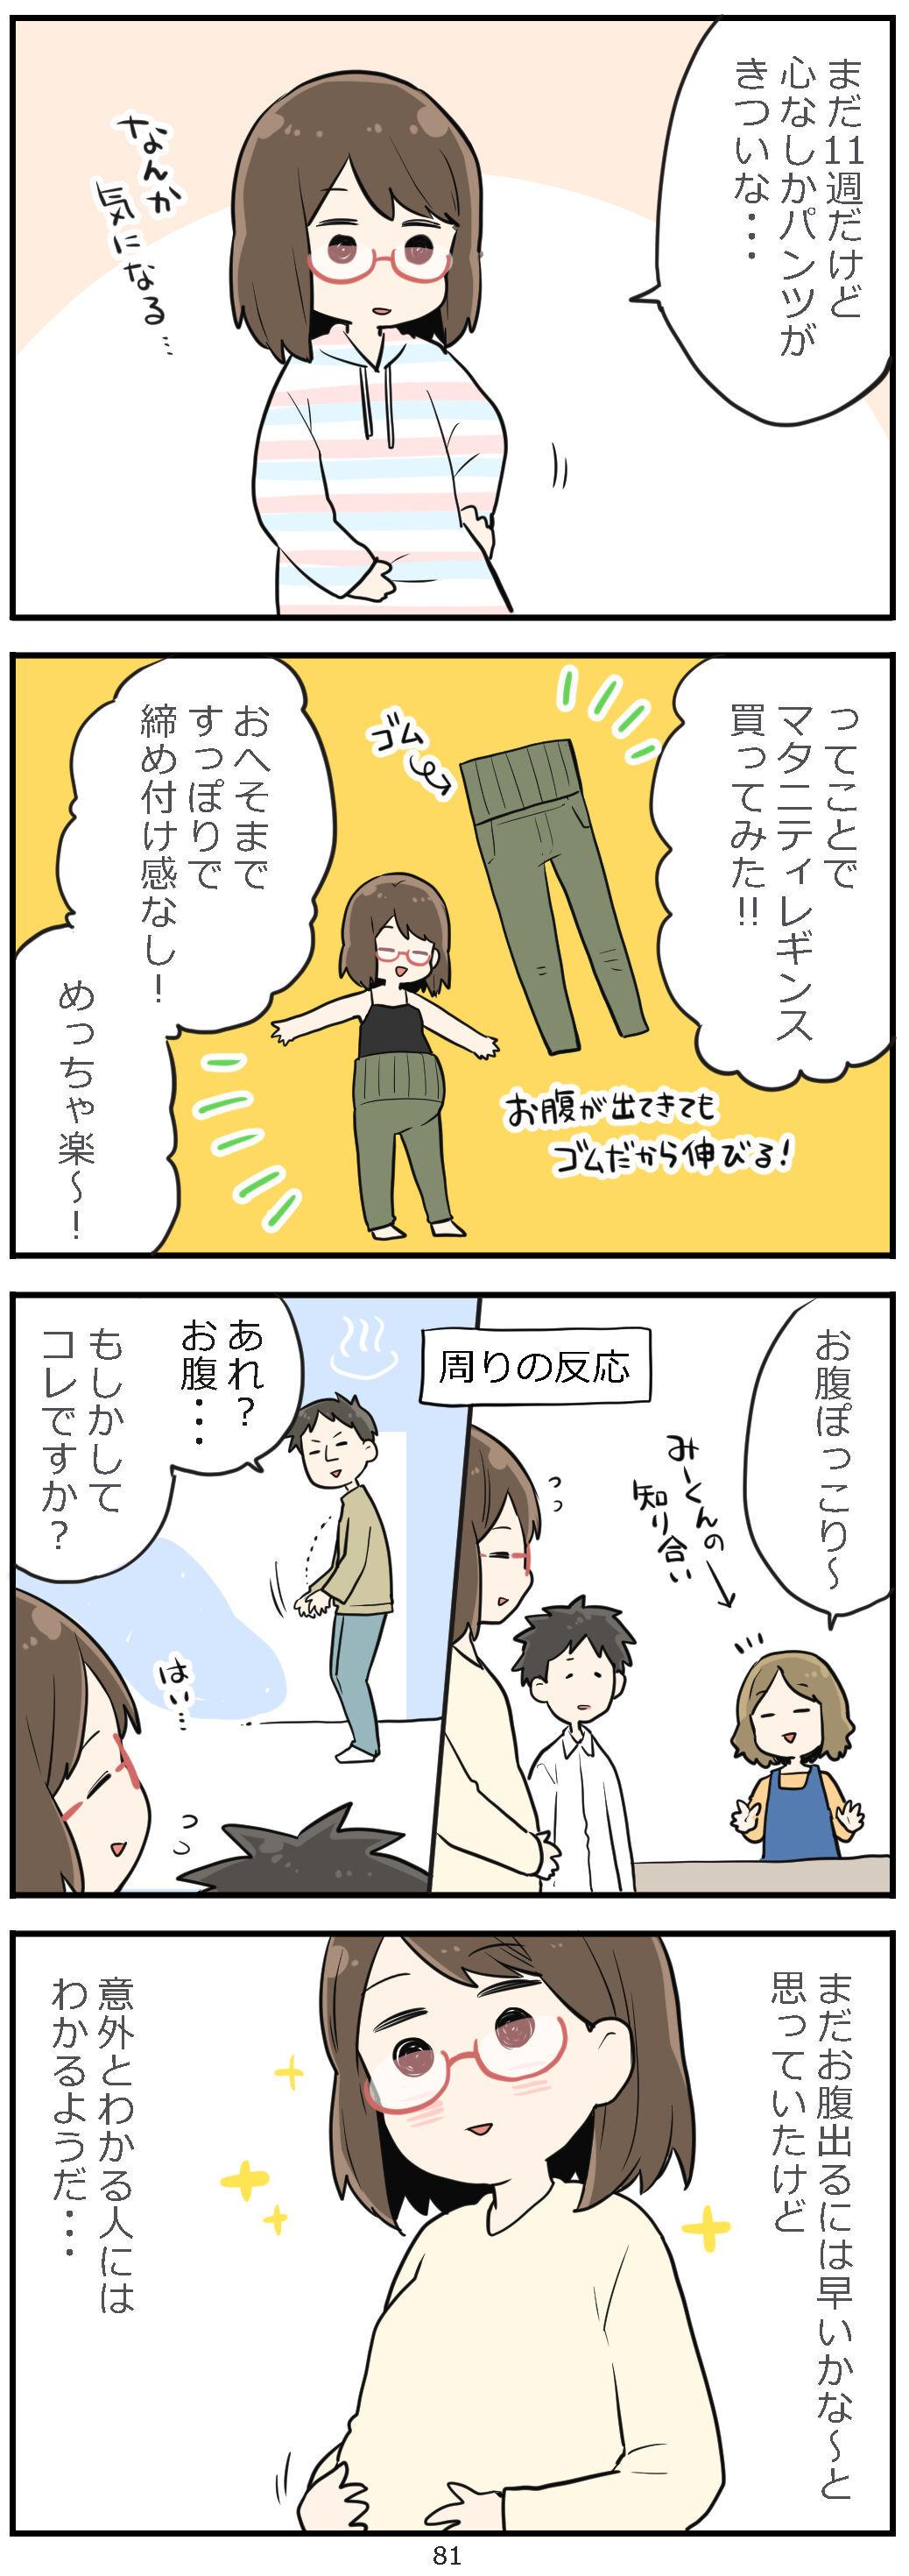 「妊活レベル1 まっふの冒険記」第81話